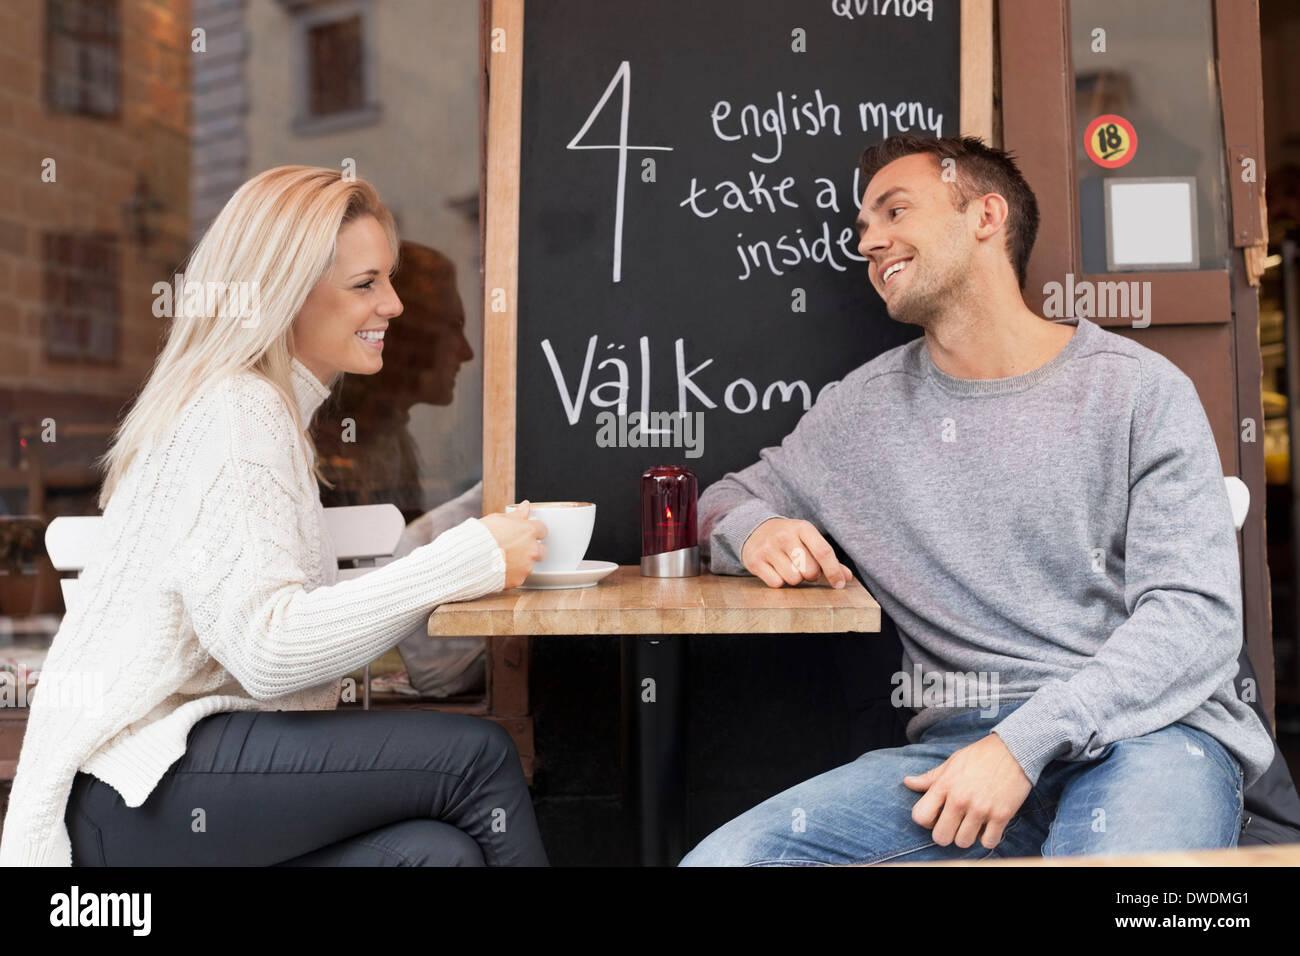 Coppia giovane trascorrere il tempo libero a outdoor cafe Immagini Stock